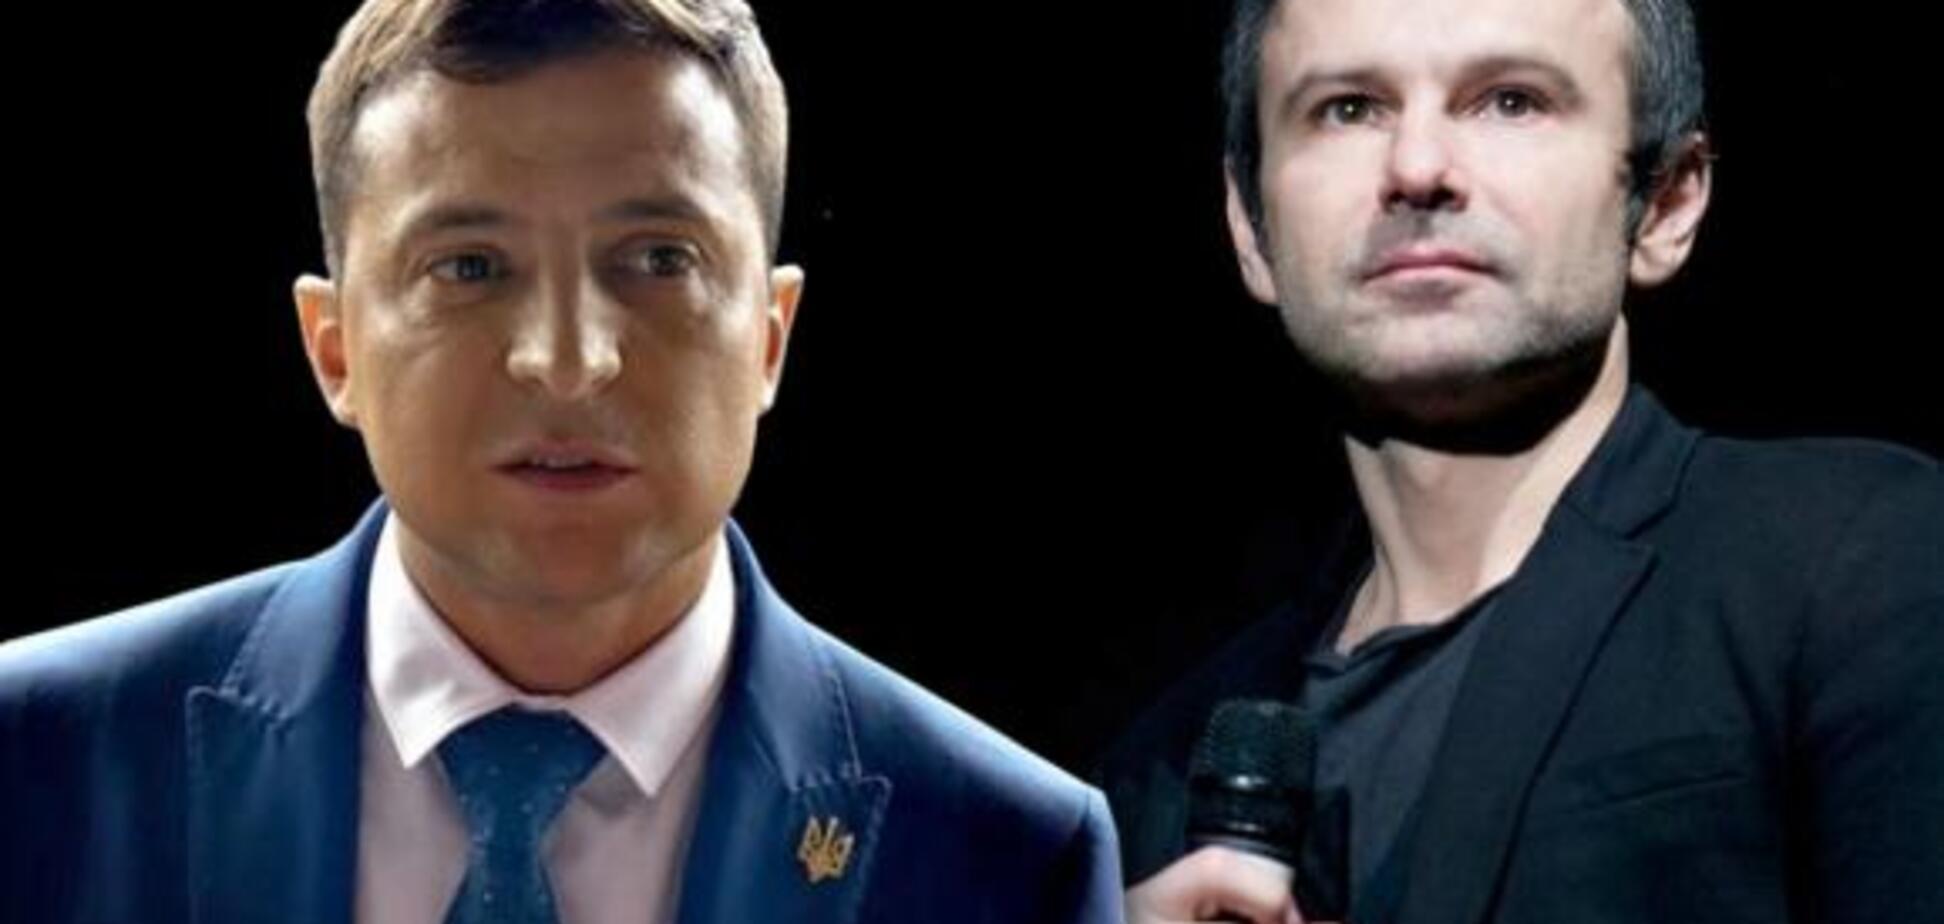 Вакарчук vs Зеленський: українці сказали, кого виберуть президентом